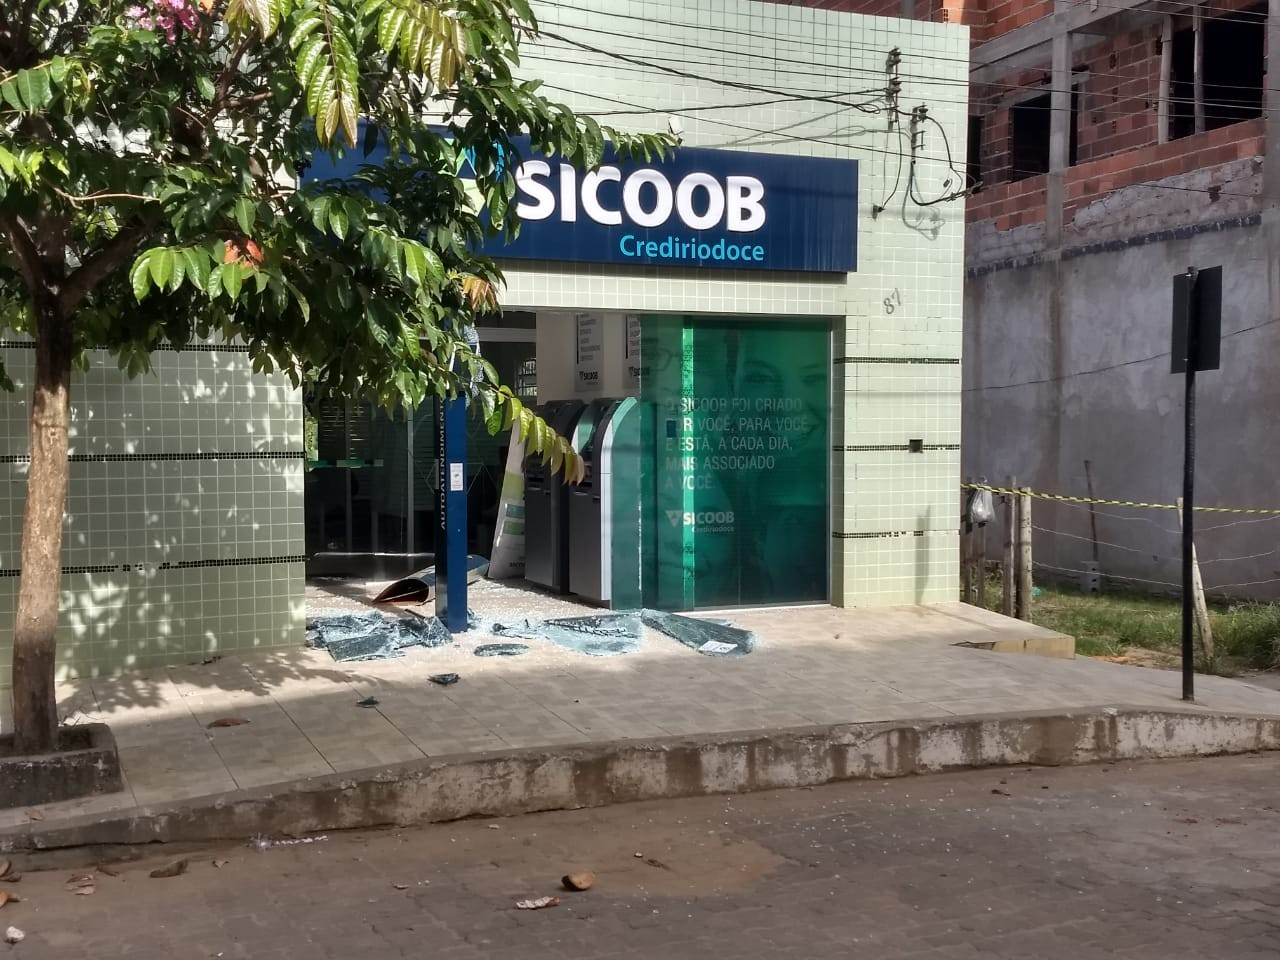 Bandidos explodem duas agências bancárias e loja de eletrônicos em Sardoá - Noticias